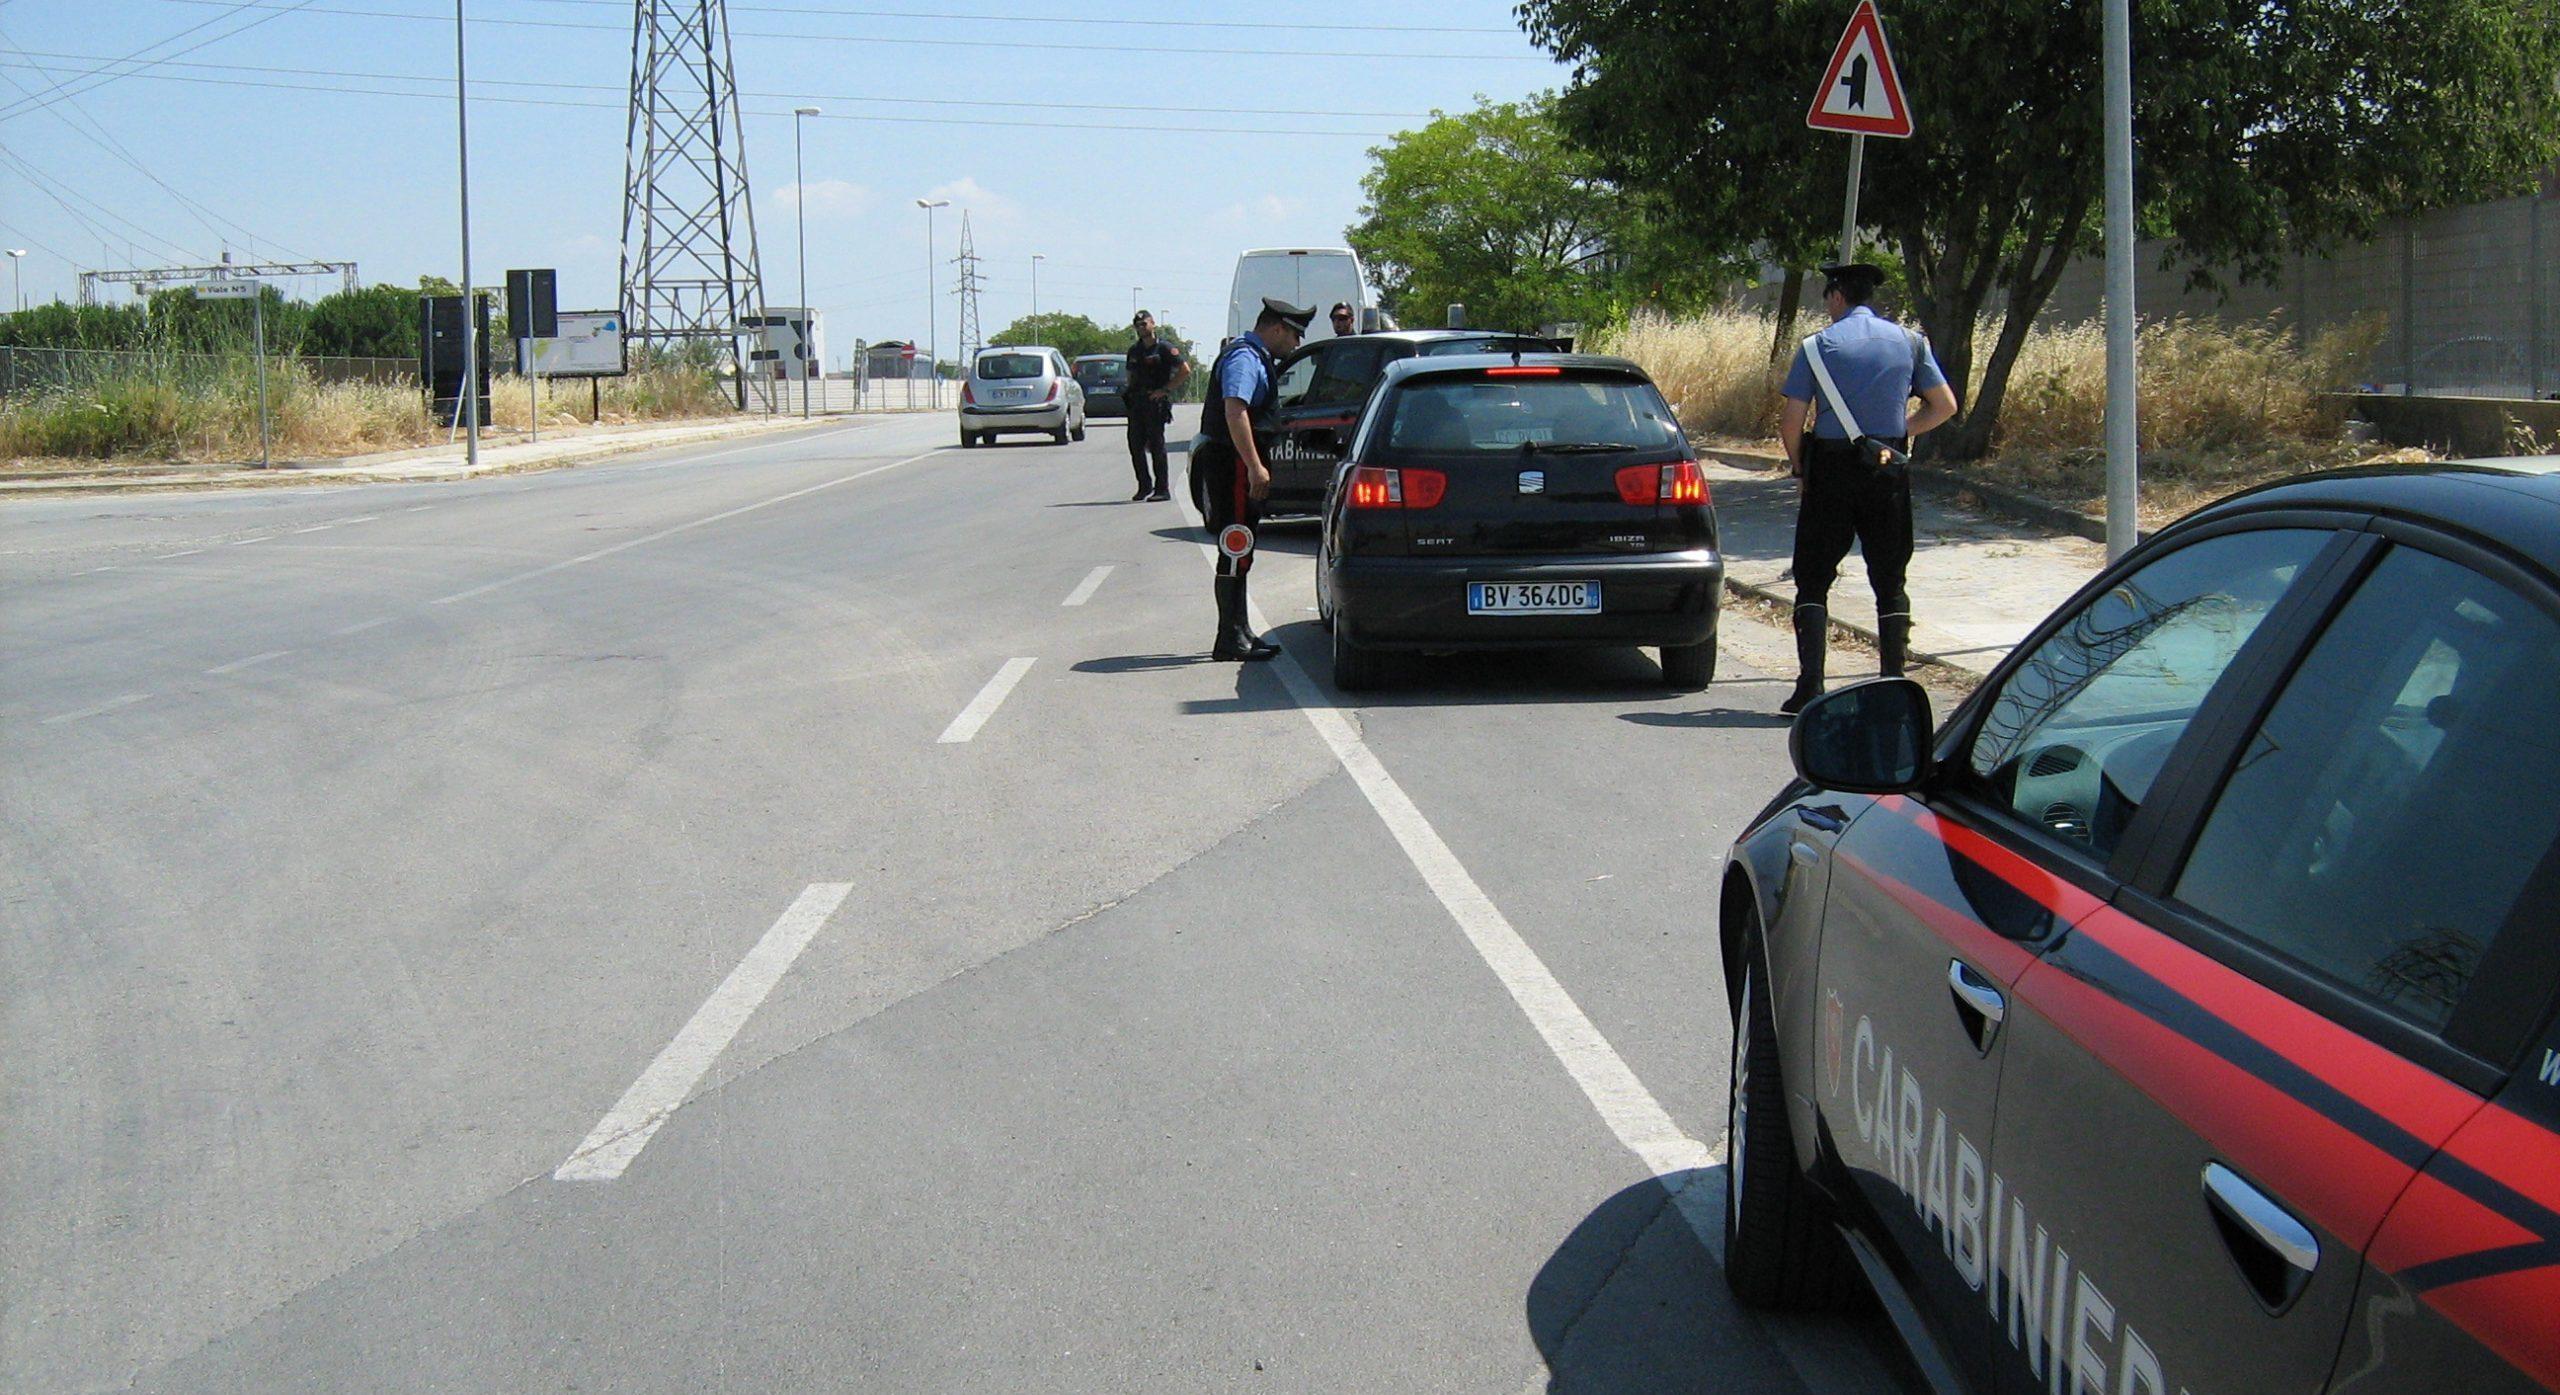 Fitto giro di controlli: un albanese denunciato per ricettazione